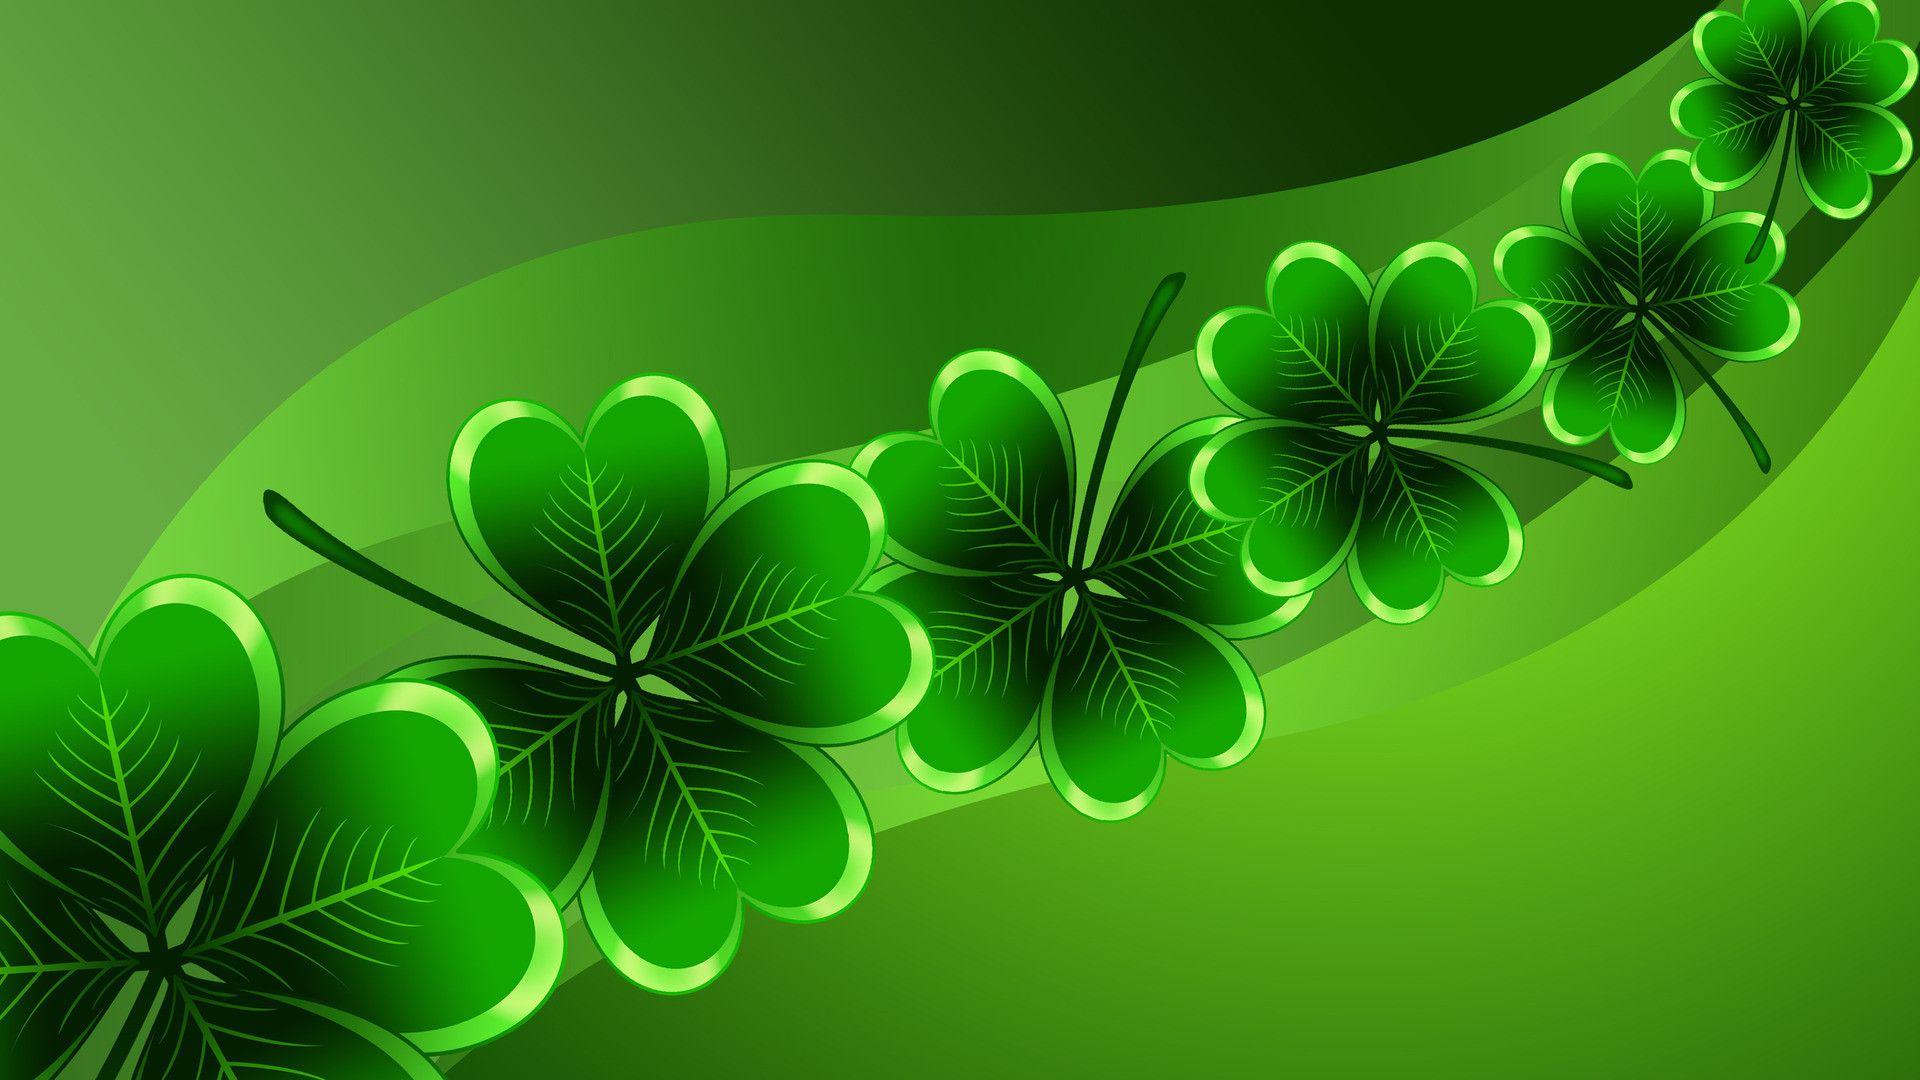 Backgrounds St Patricks Day Desktop 1920x1080